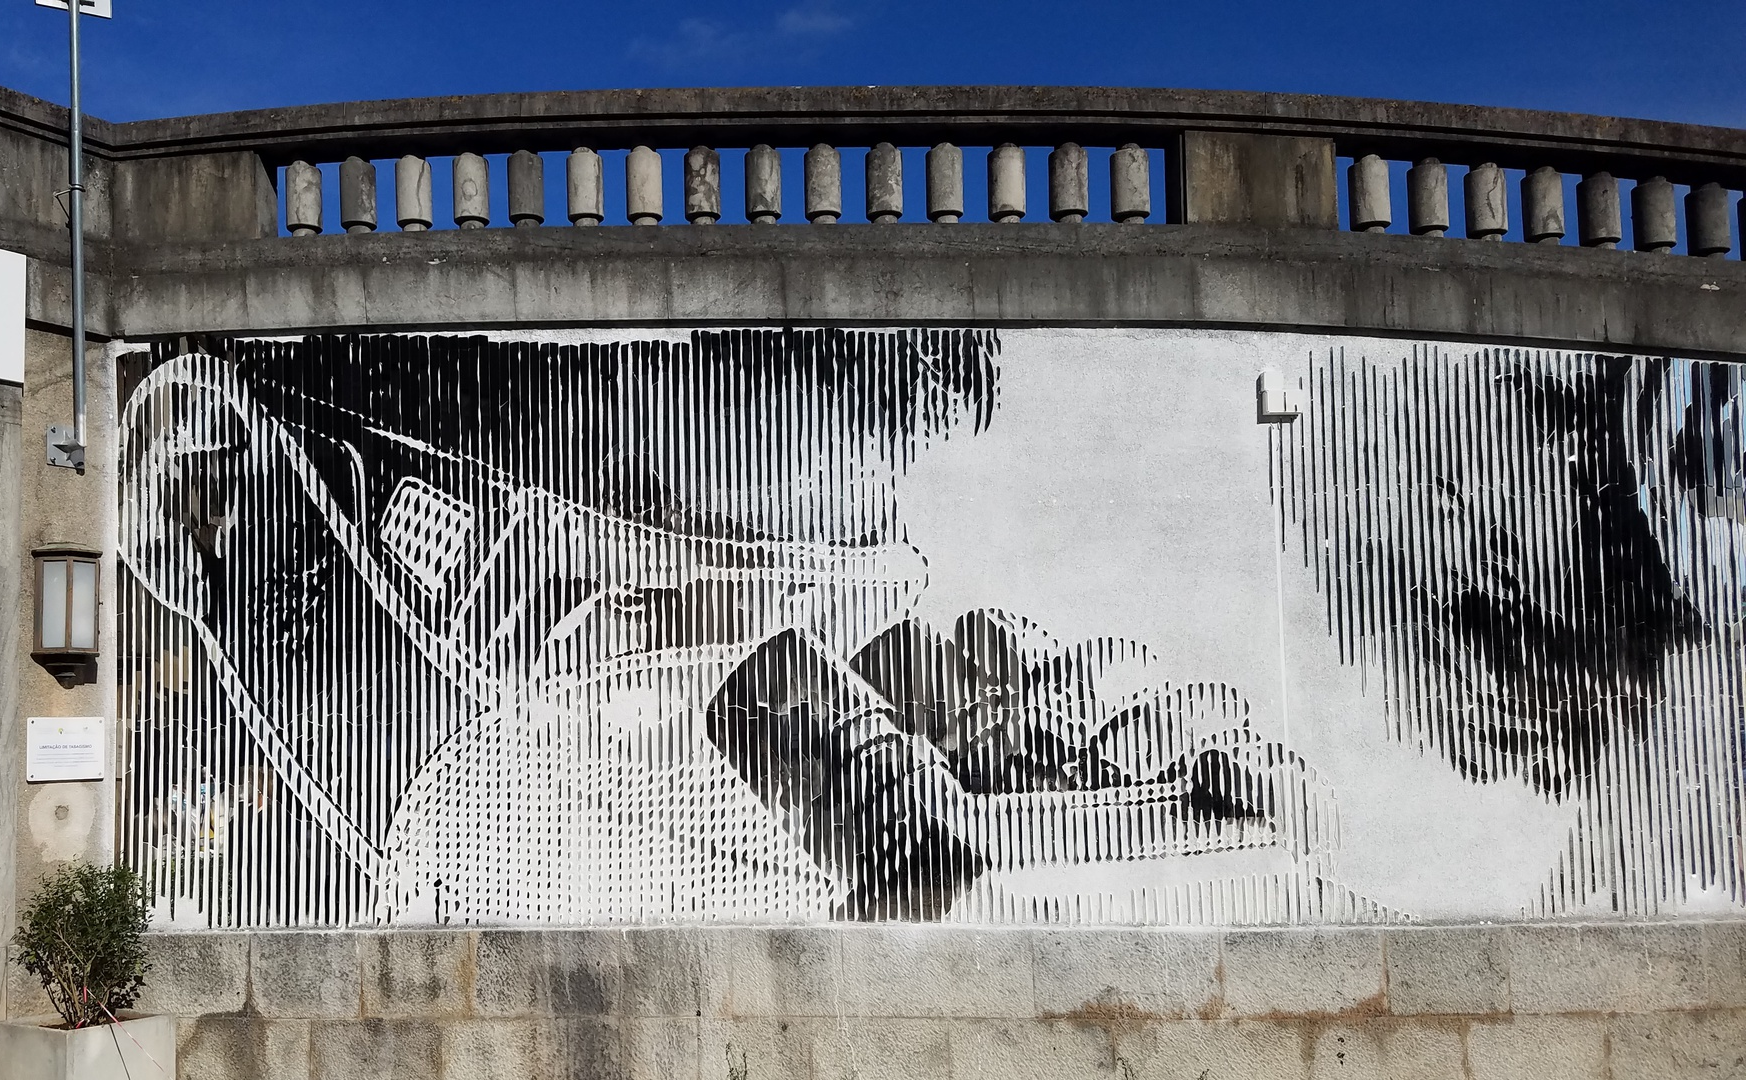 Retrieved from https://www.publico.pt/2021/09/23/p3/noticia/mural-espelhos-hospital-santa-maria-reflecte-profissionais-saude-utentes-1978380#&gid=1&pid=1